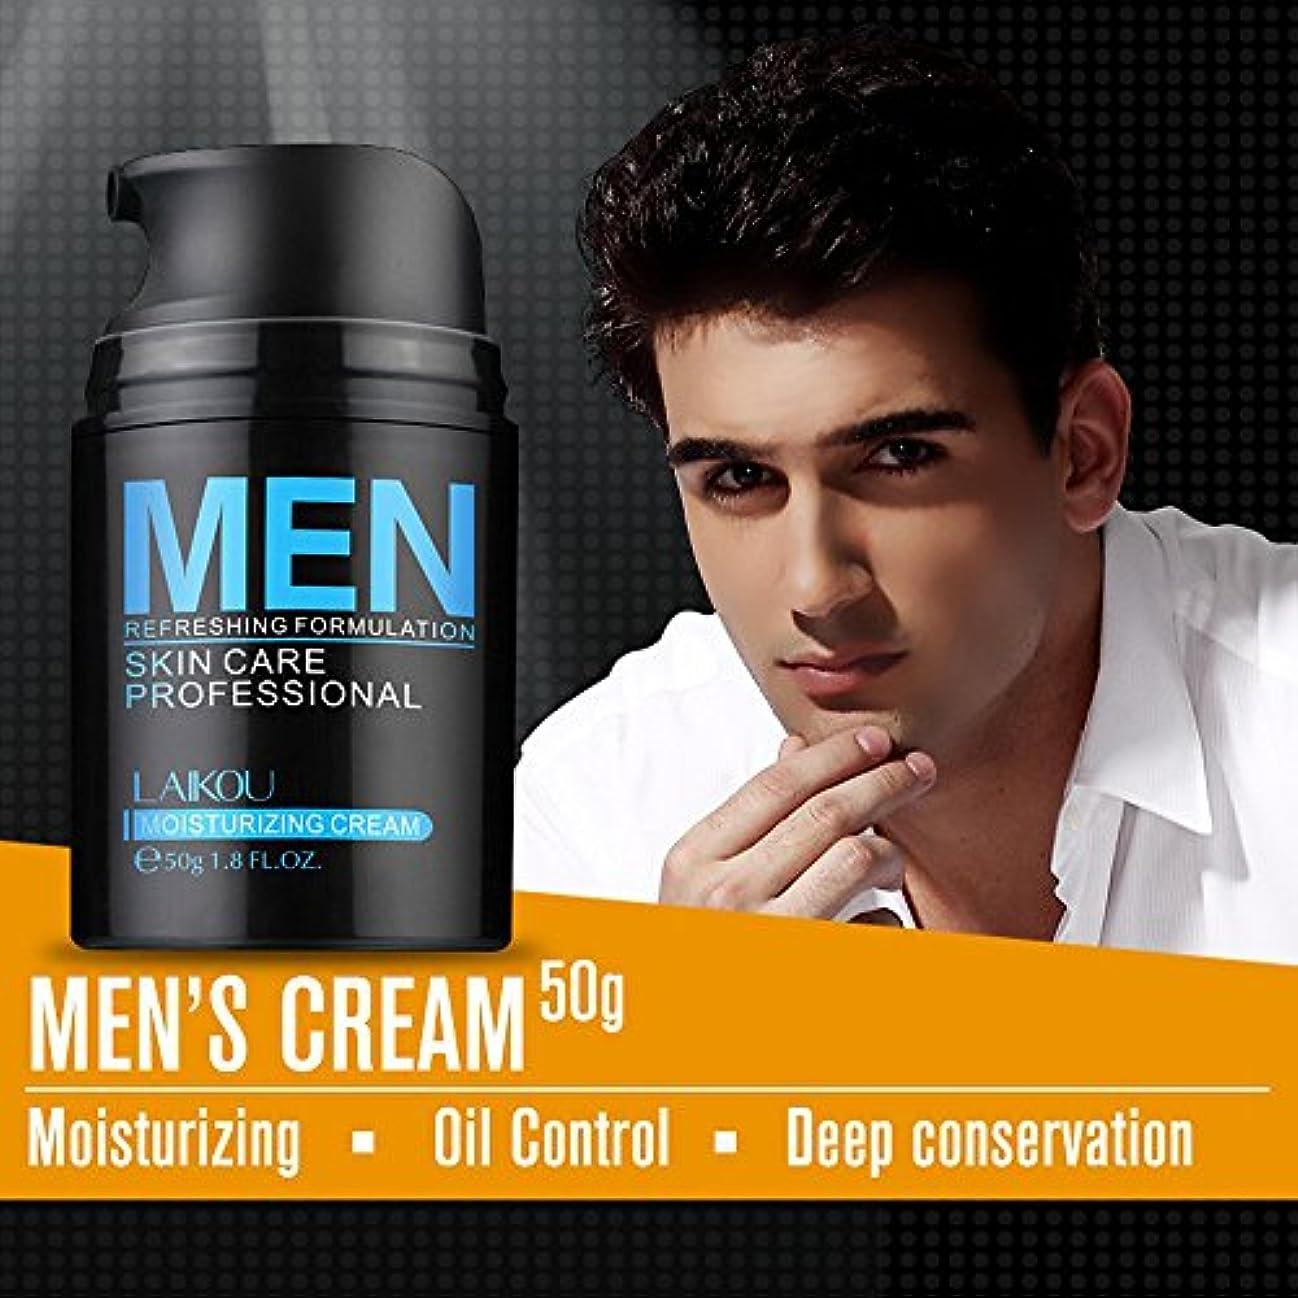 全員発見サロンAkane LAIKOU 男子 押す 顔洗い 素敵 水分補給 オイルコントロール 保湿 すがすがしい 角質除去 クレンジング 浄化 使いやすい 洗顔料 アロエクリーム